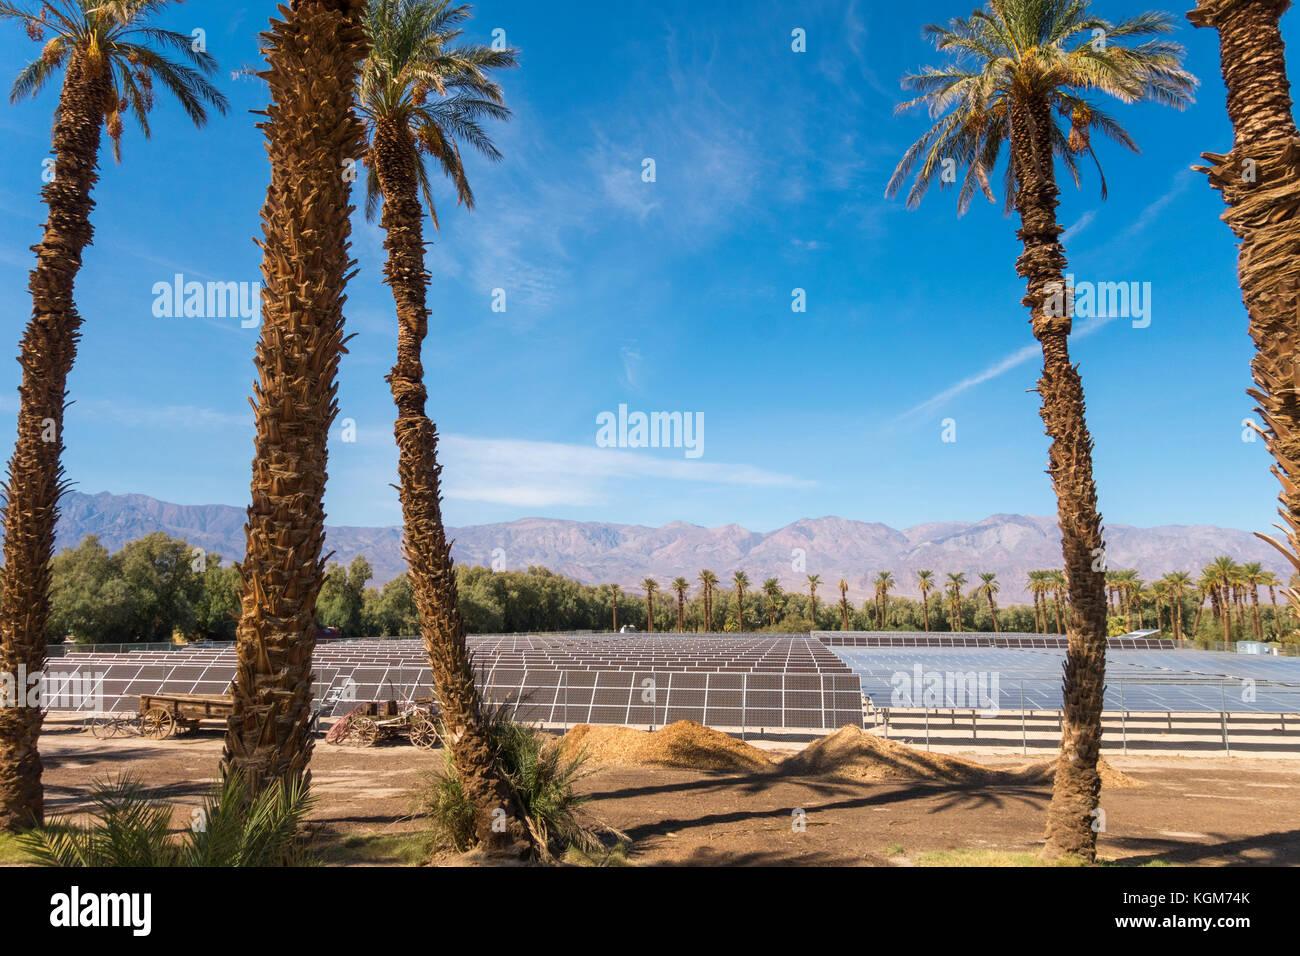 Panneaux solaires Furnace Creek Ranch Village de Death Valley National Park. 1 mégawatt 5 panneaux 5740 acres. Photo Stock